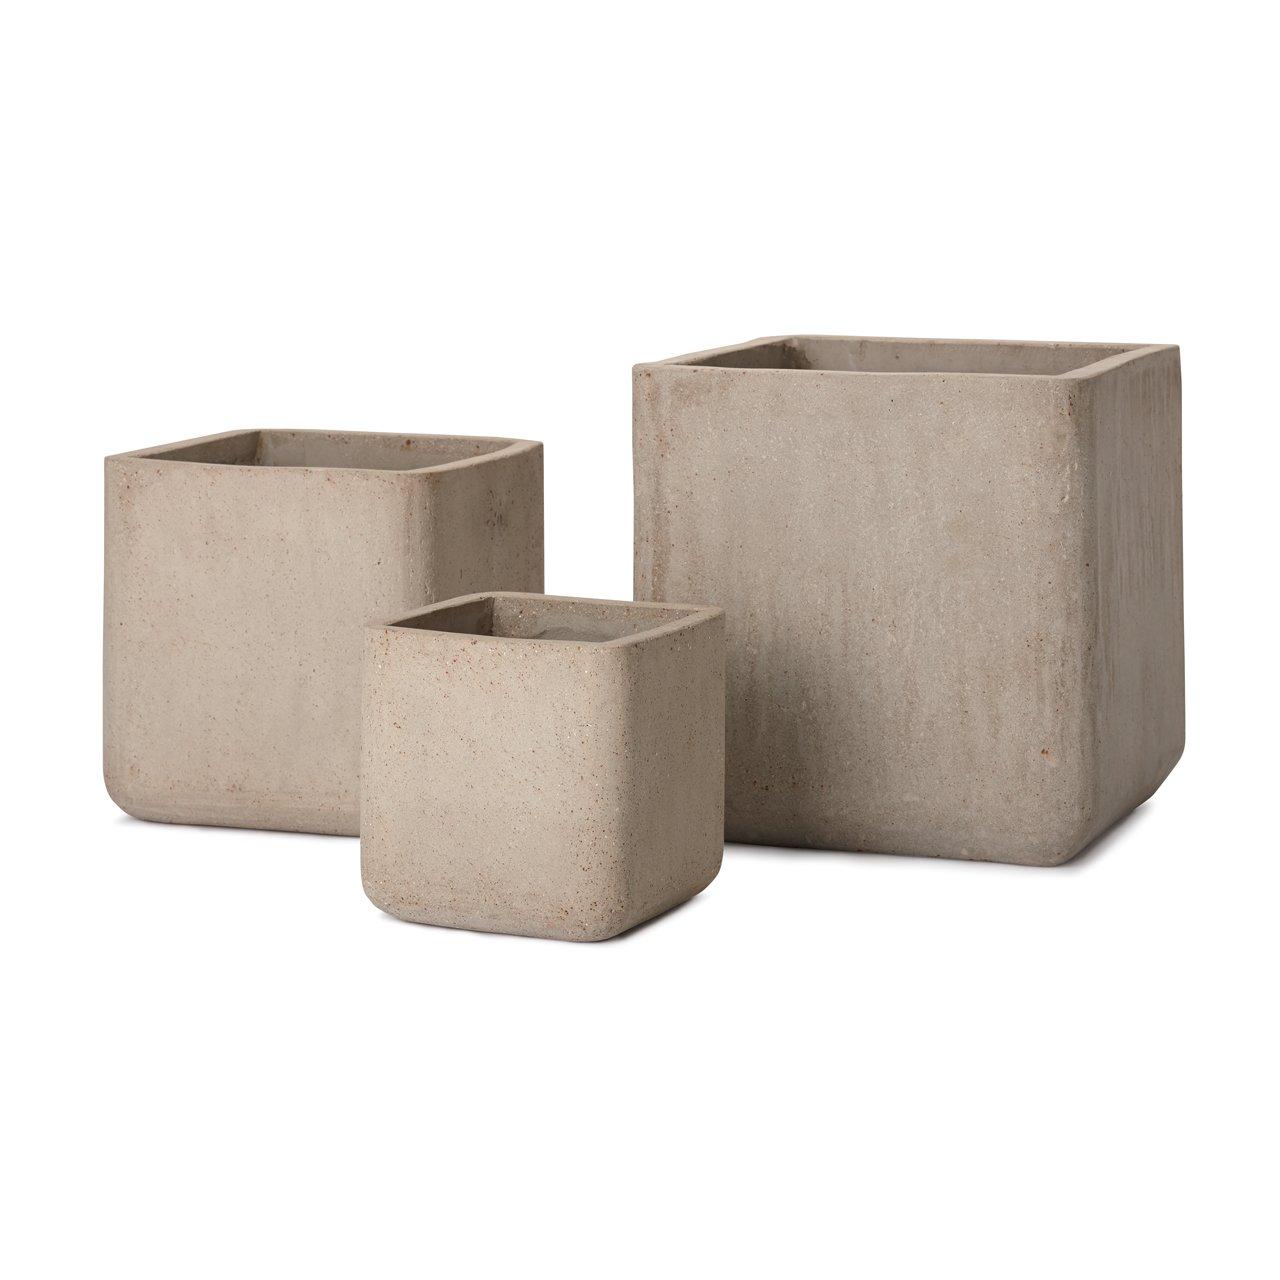 植木鉢 大型 コルテス キューブ 3/SET(L/M/S) ベージュ B00L7H9HC2 3SET(L/M/S)|ベージュ ベージュ 3SET(L/M/S)